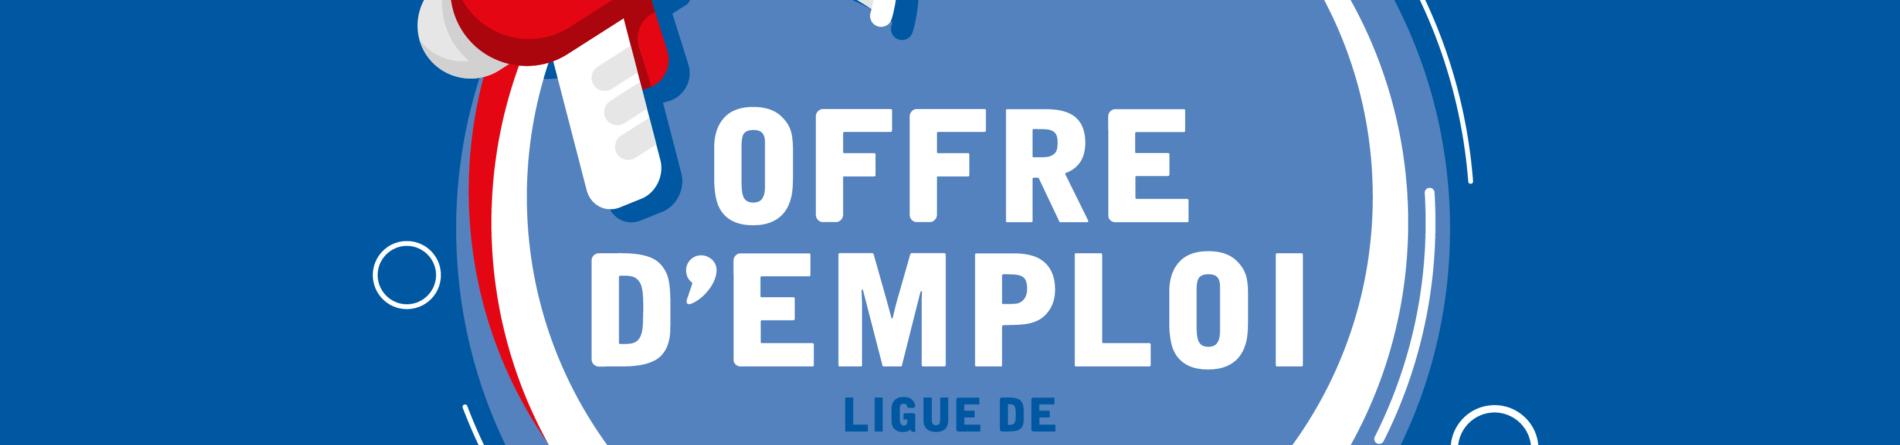 Offres d'emplois – Ligue de l'enseignement FAL 72